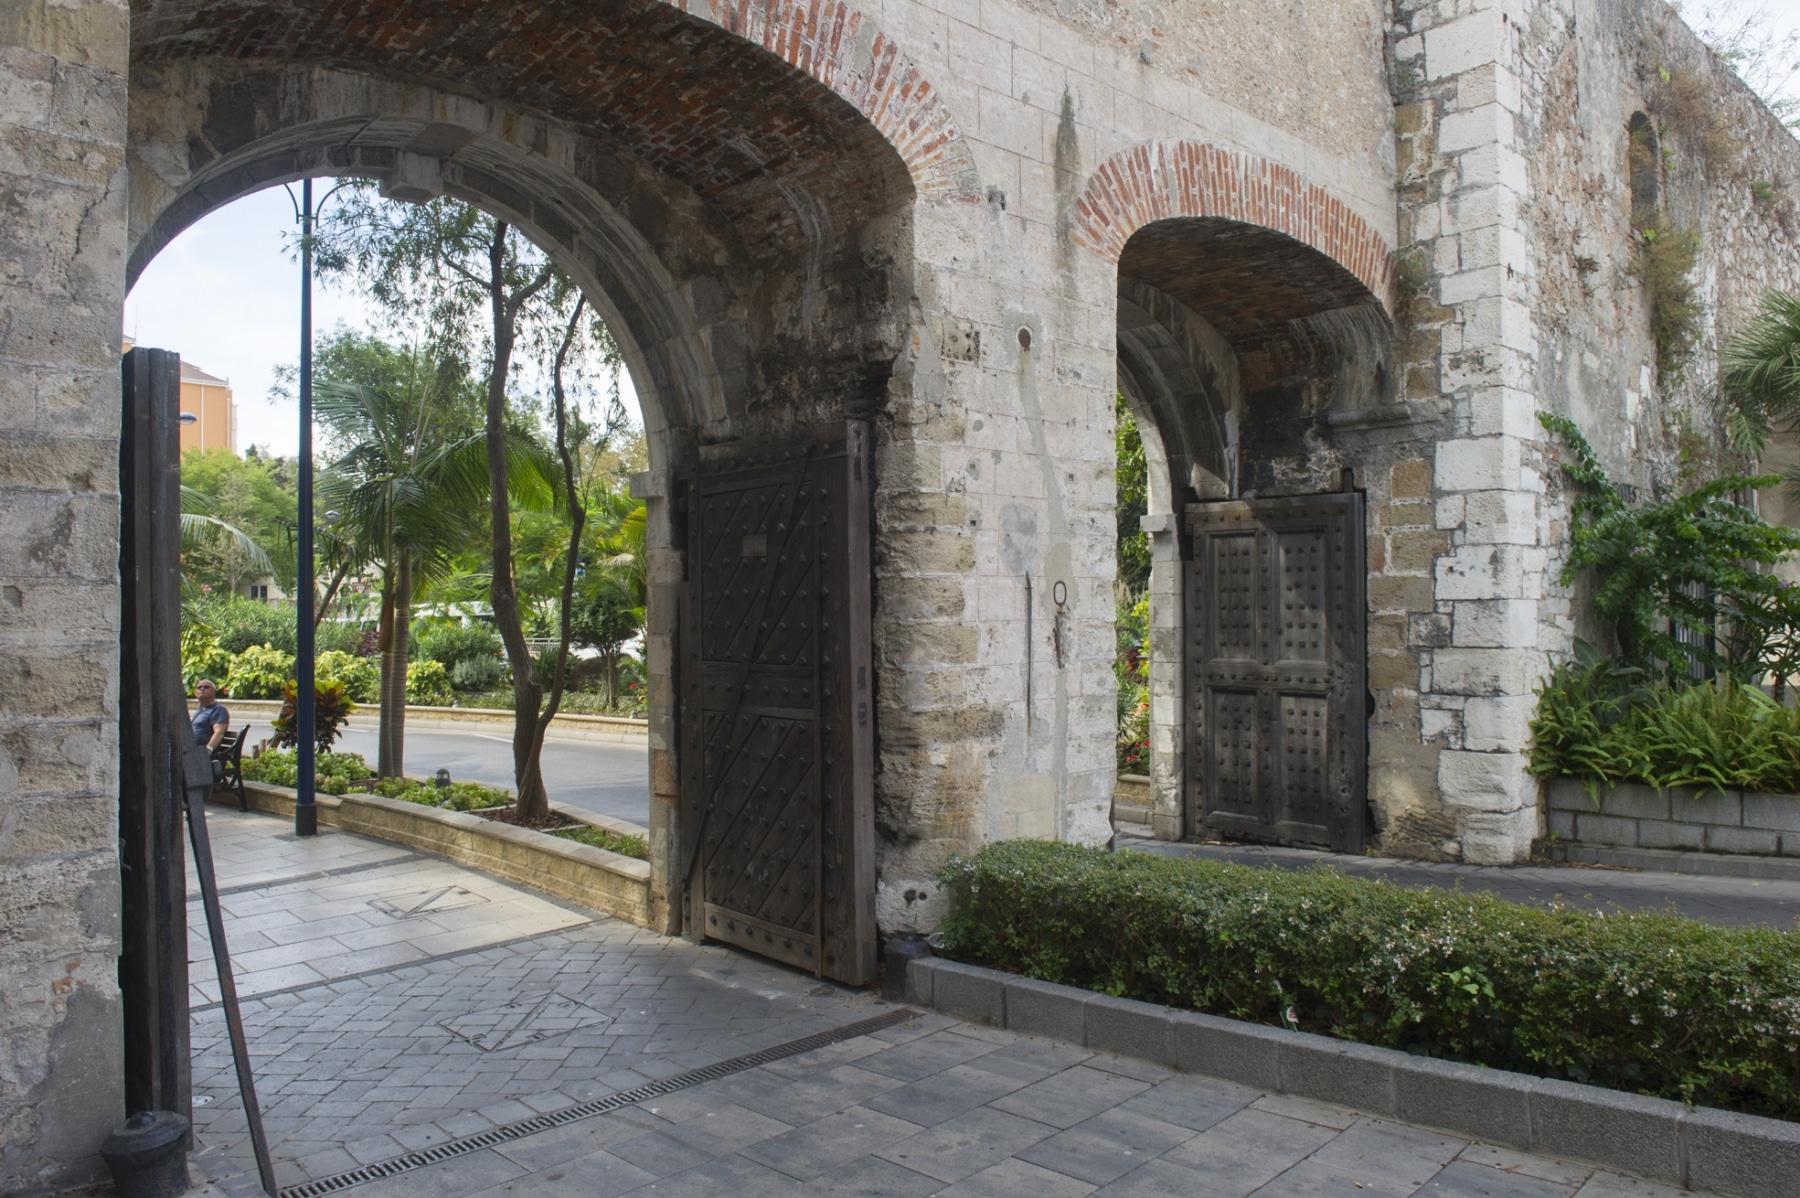 southport-gates-y-las-murallas-de-carlos-v_22552279570_o